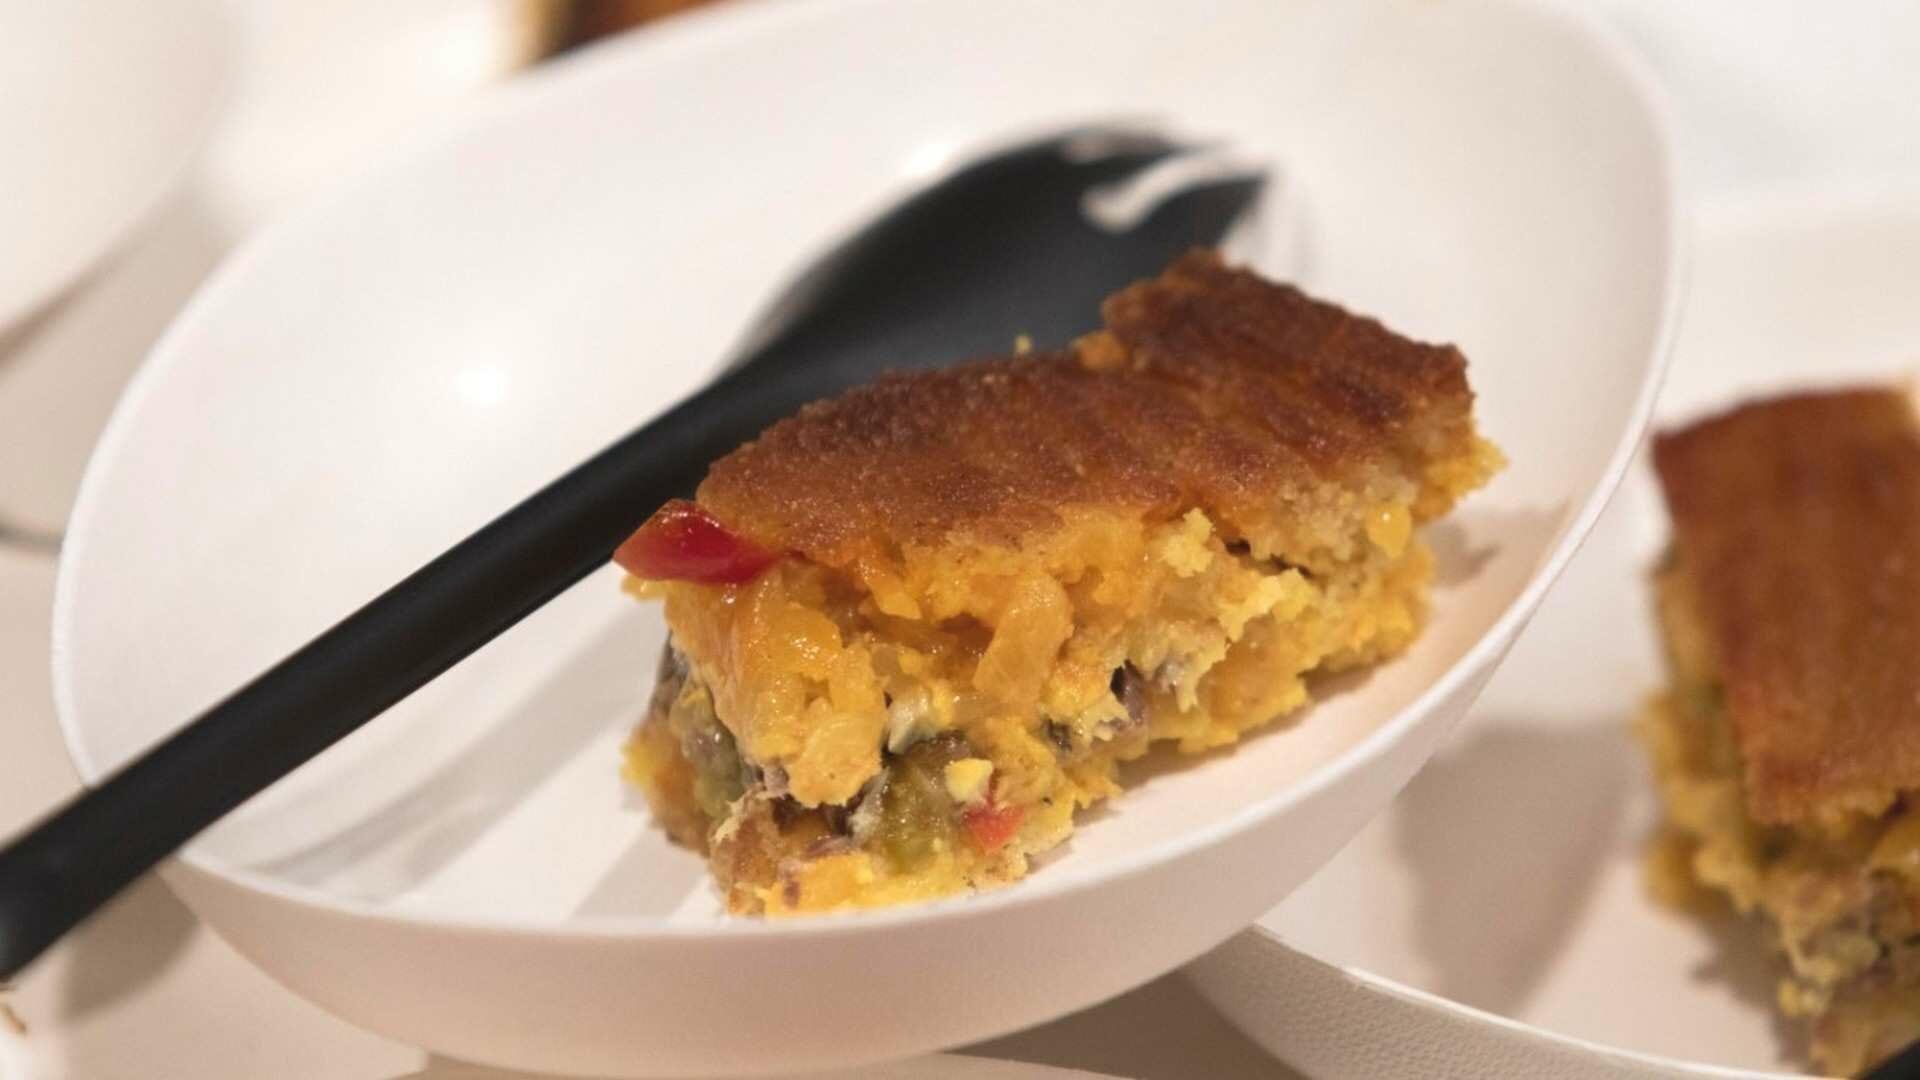 Receta de empanada gallega del chef Javier Olleros (2 Estrellas Michelin)